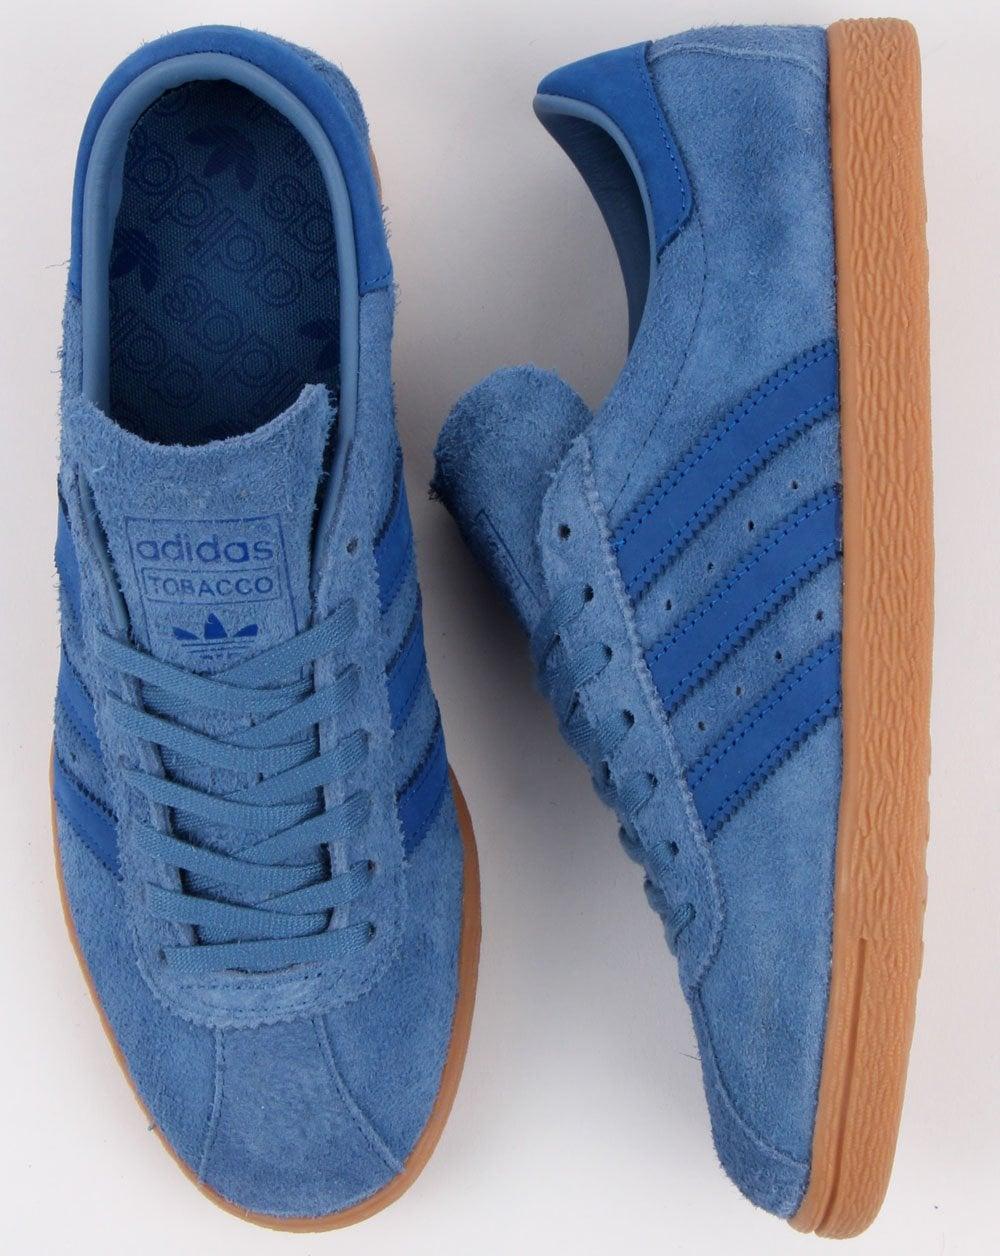 adidas tobacco blue